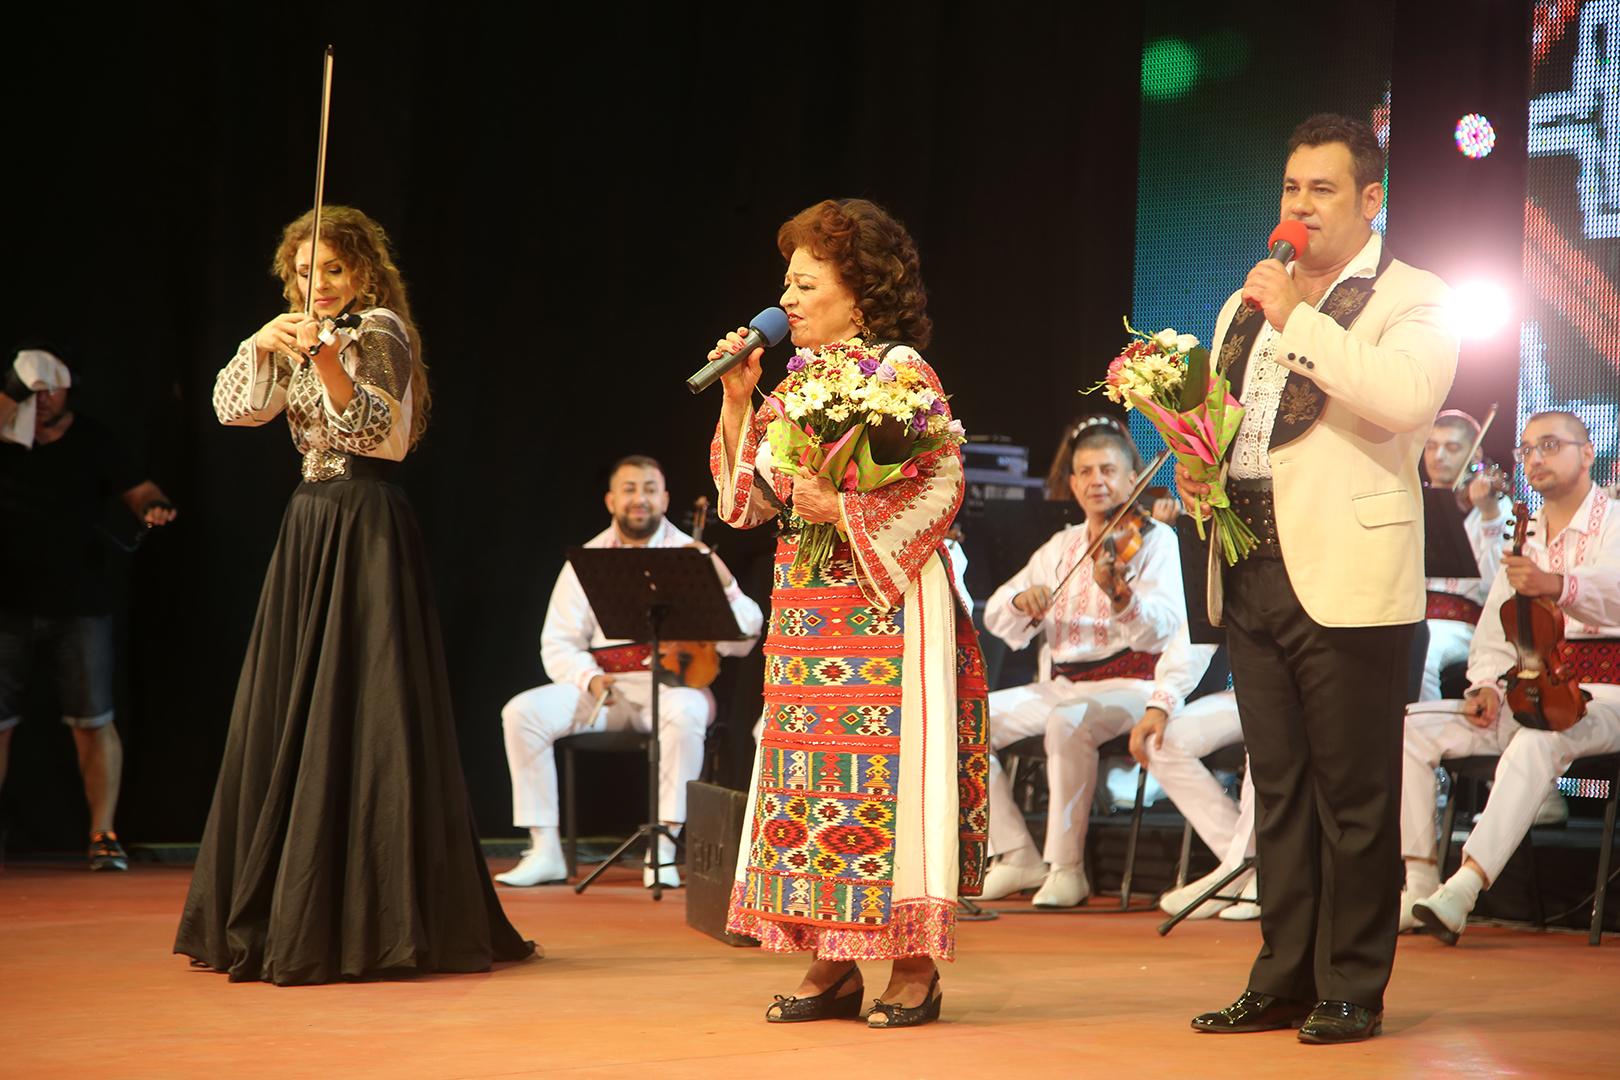 Recital - Maria Ciobanu, Doiniţa şi Ionuţ Dolănescu